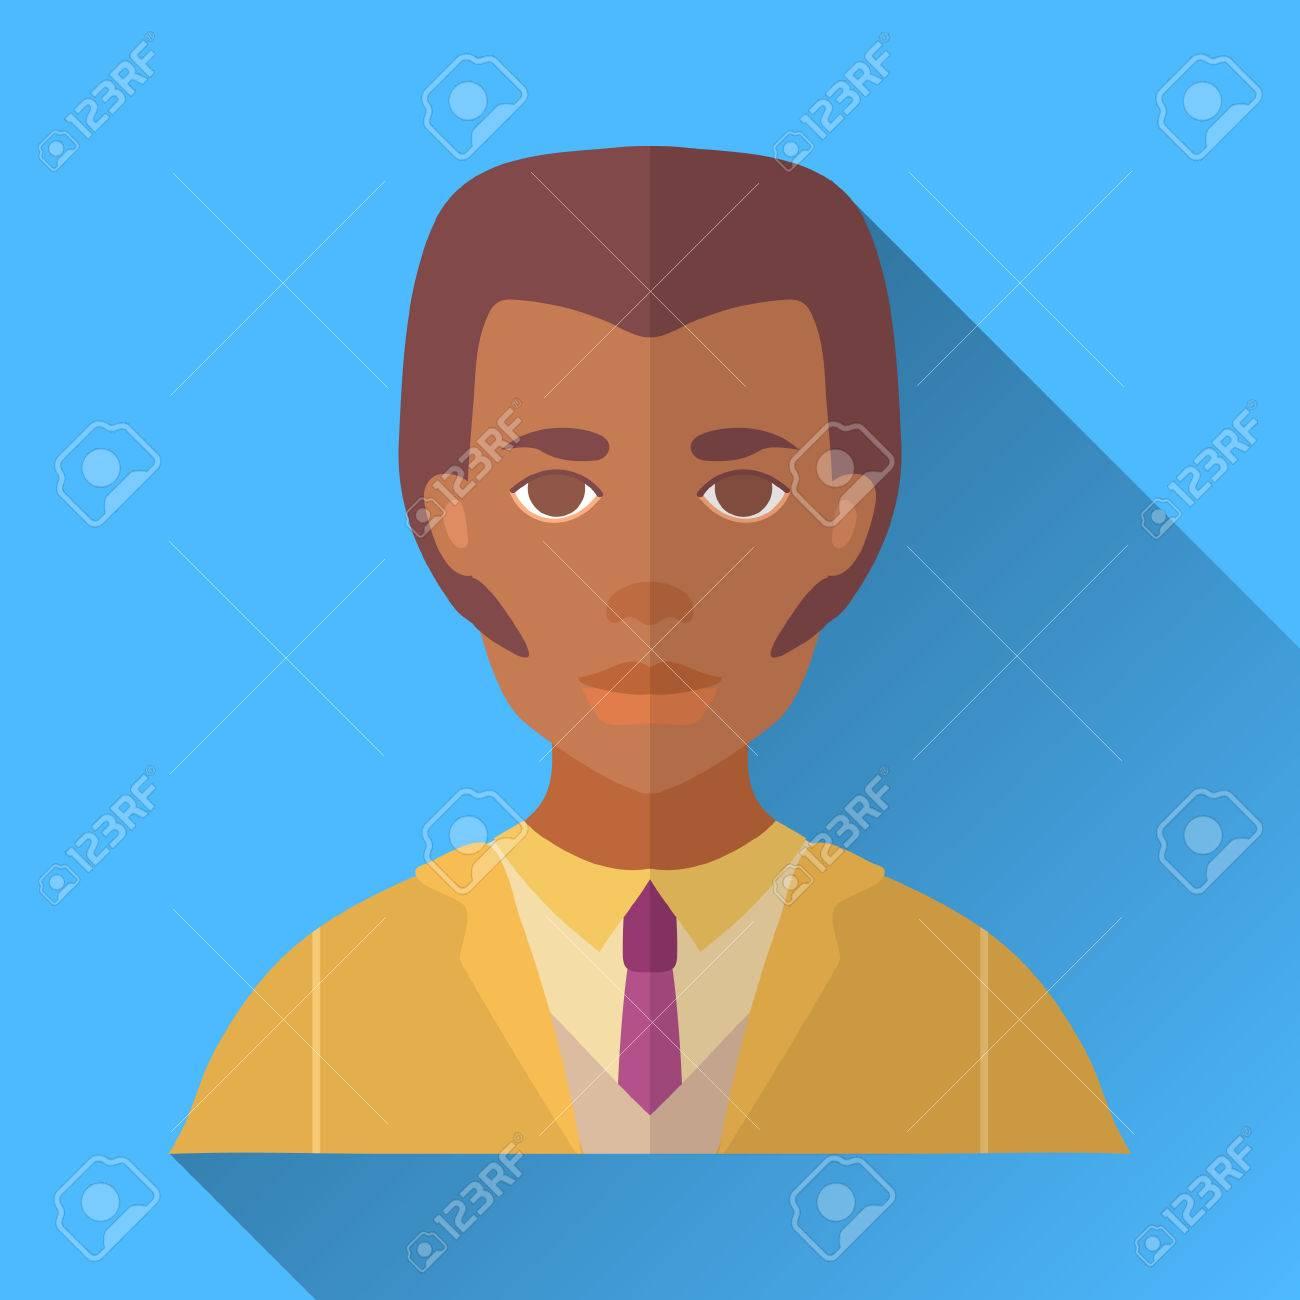 Carré bleu de style plate forme icône de personnage masculin avec l'ombre. Illustration d'un homme afro américain avec des moustaches et coupe